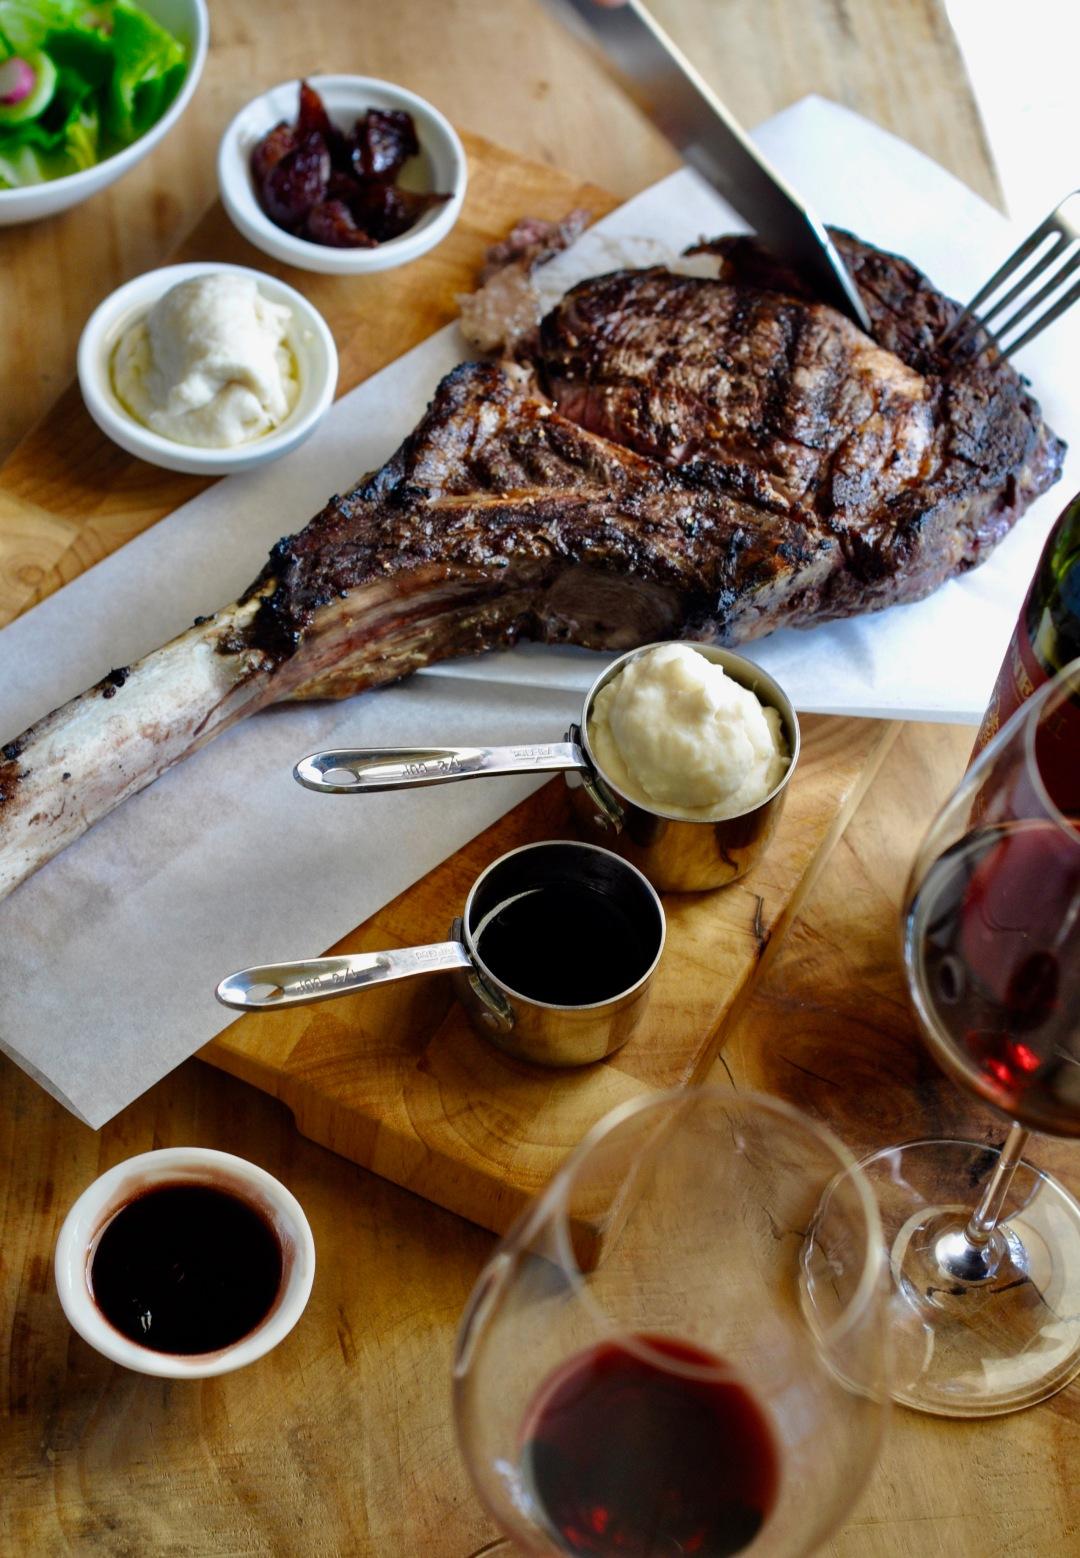 Cutting through a Tomahawk steak